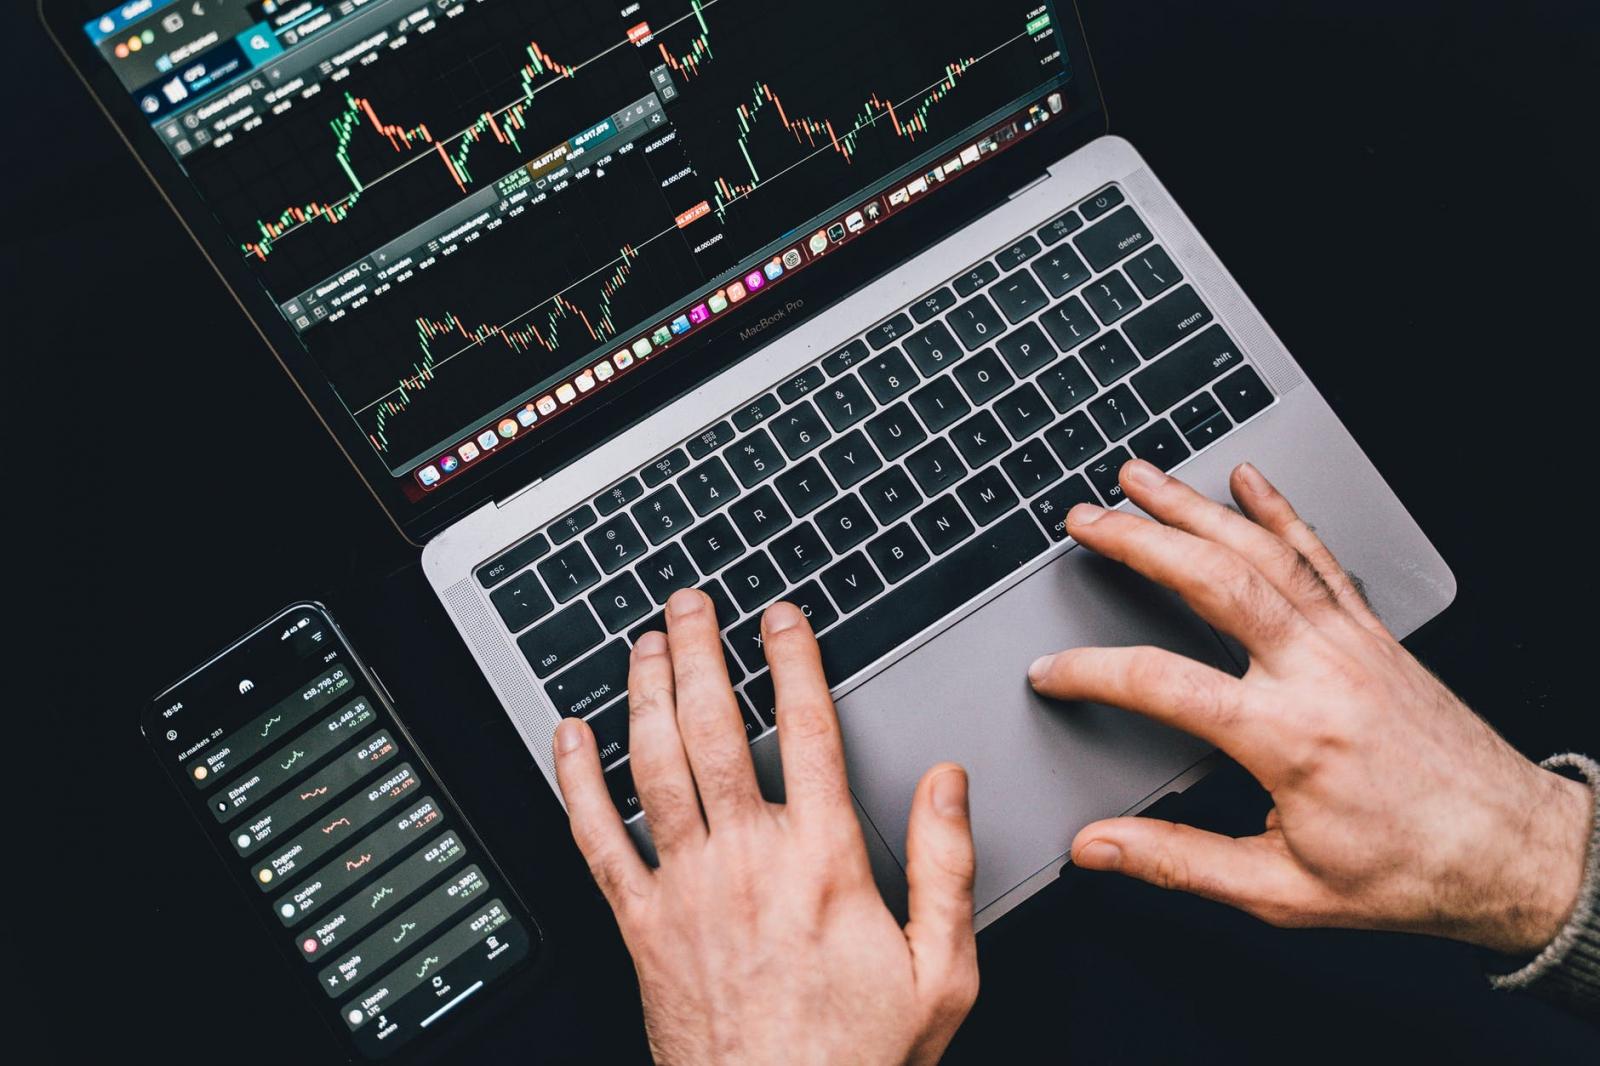 【理財專知】什麼是BBI指標?如何用它判斷股票多空